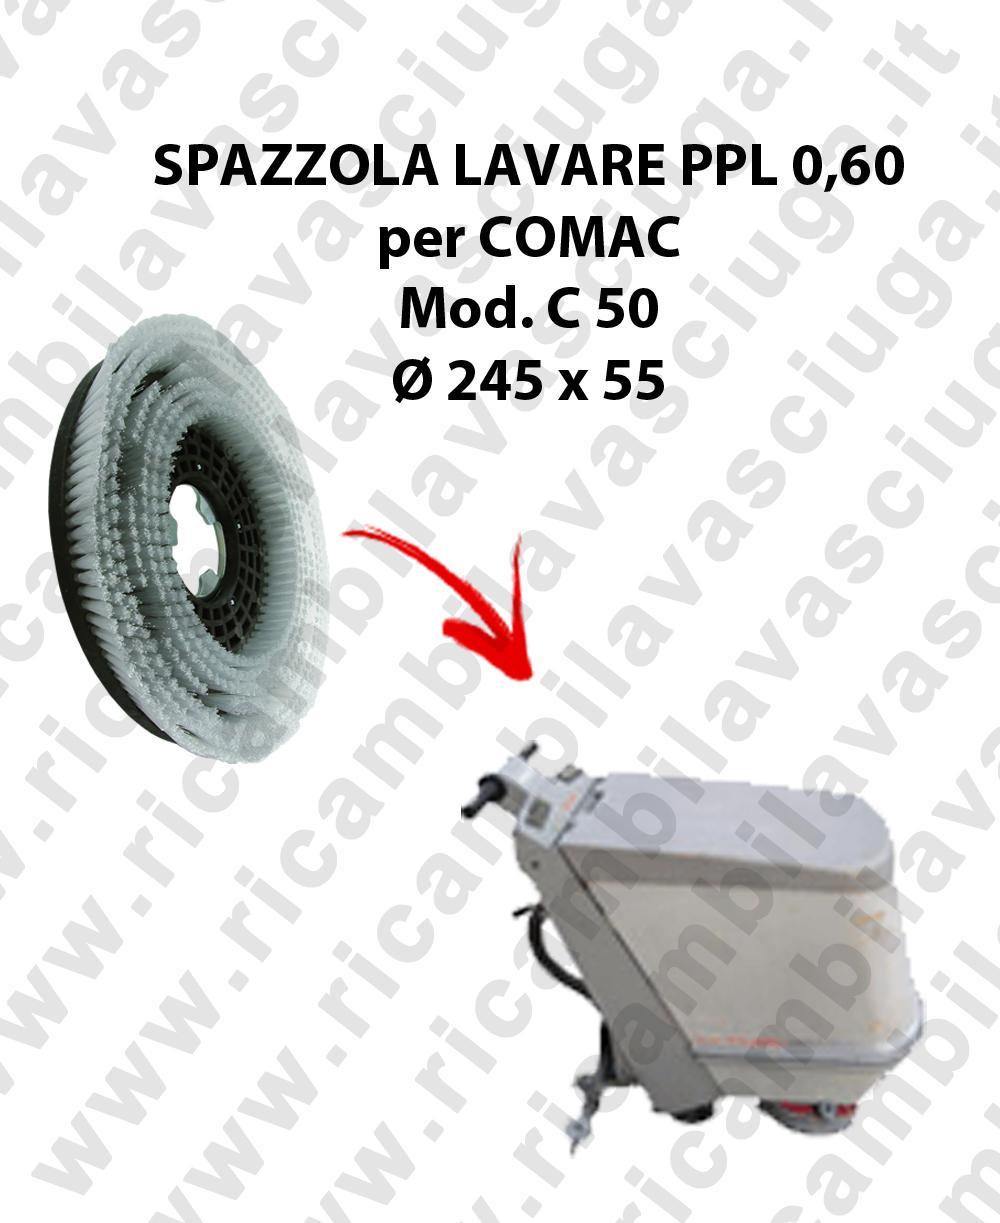 Brosse de laver  pour autolaveuses COMAC modelle C 50 diamétre  245 x 55 PPL 0,60